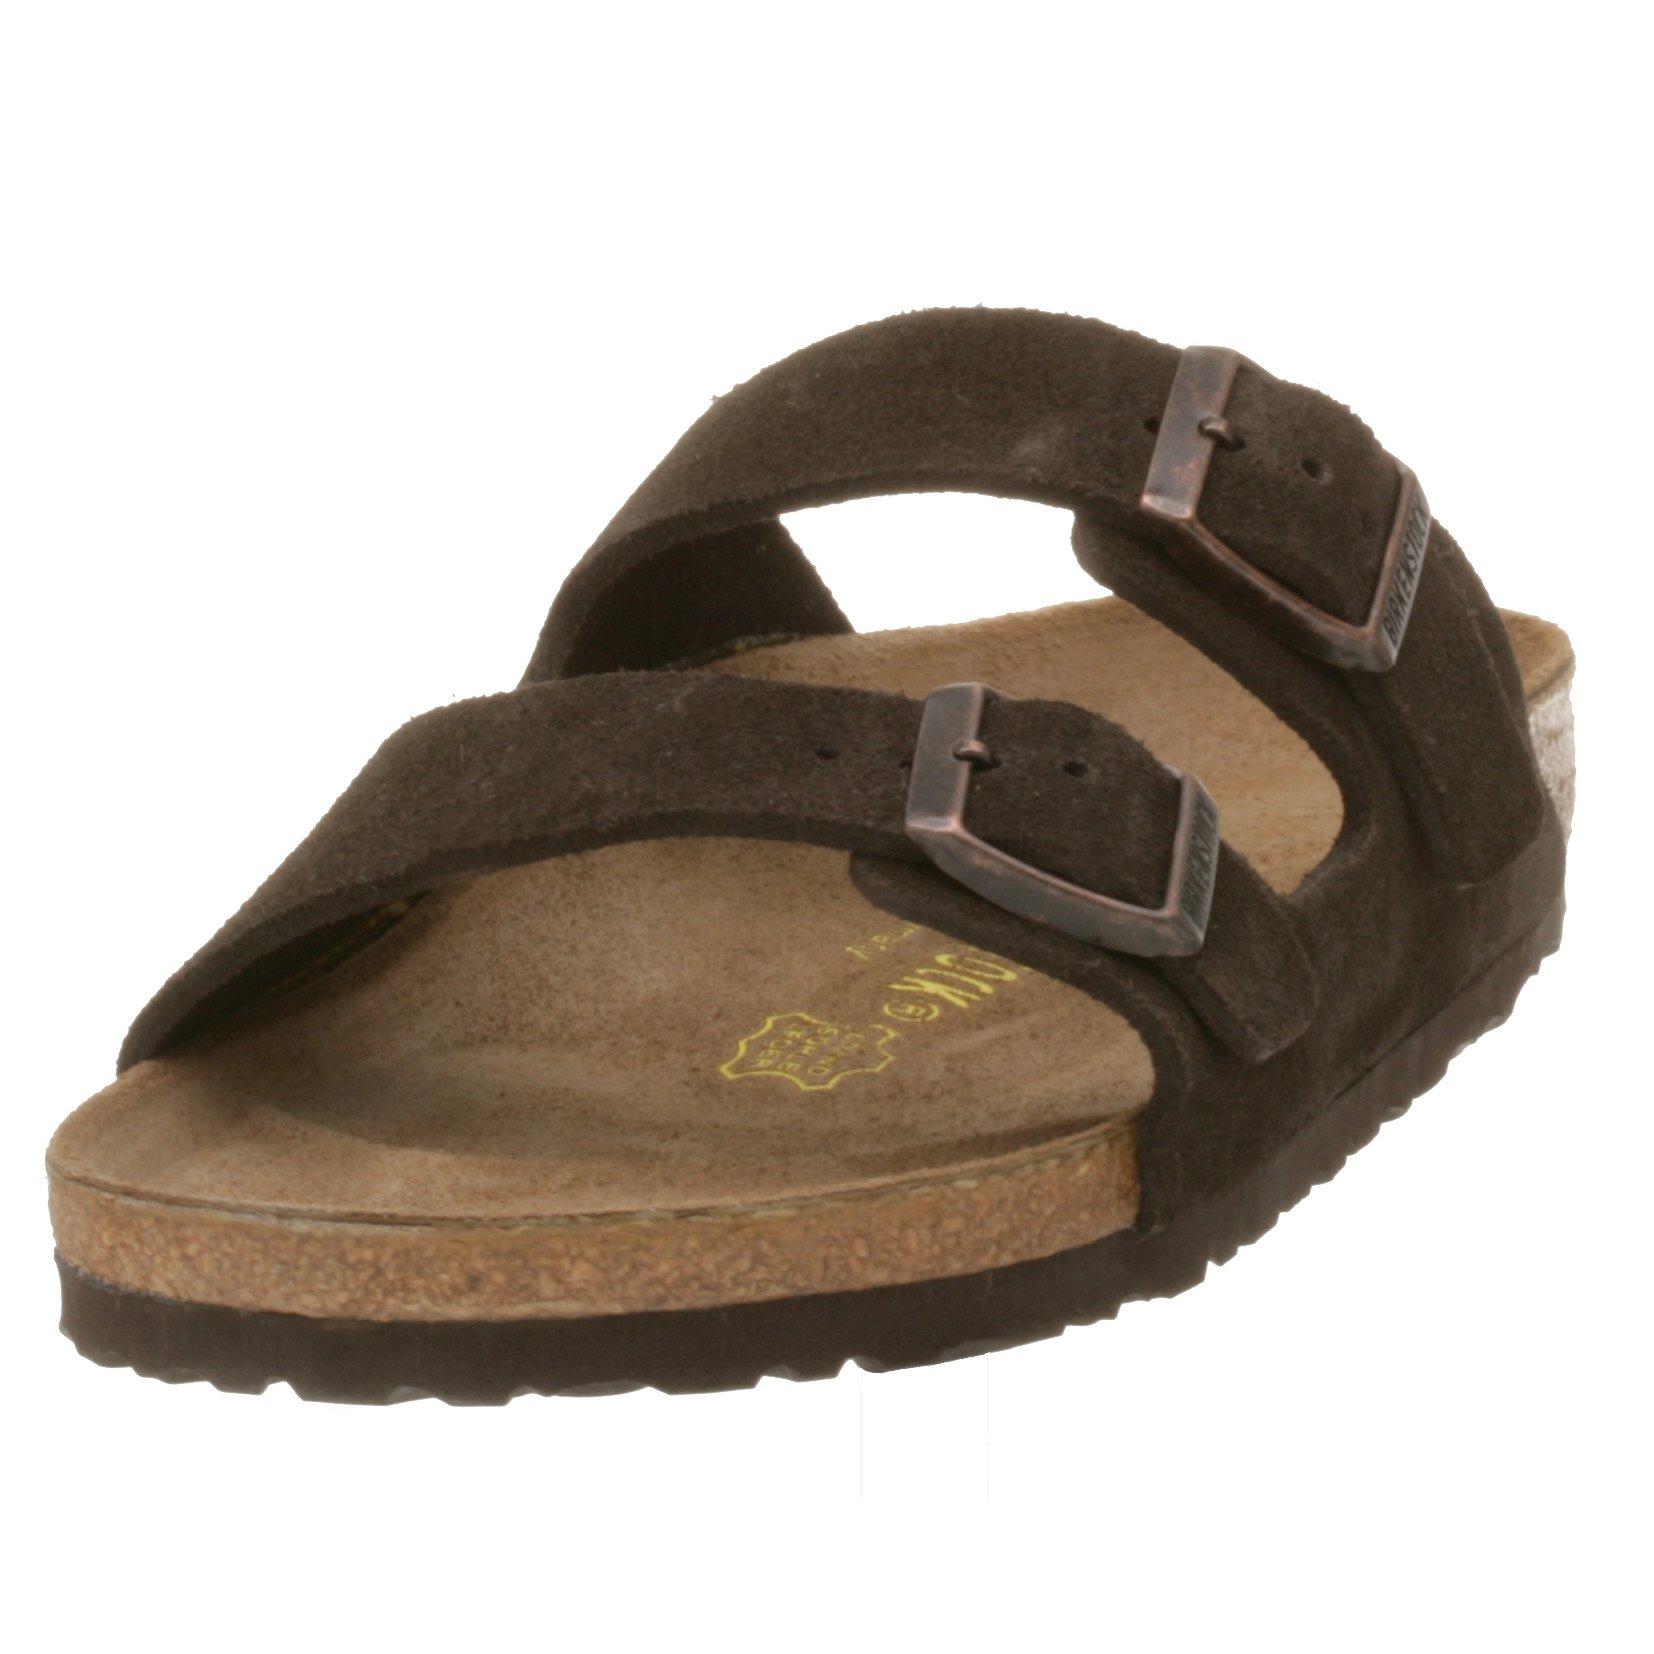 Birkenstock Unisex Arizona Mocha Suede Sandals - 42 N EU/11-11.5 2A(N) US Women/9-9.5 2A(N) US Men by Birkenstock